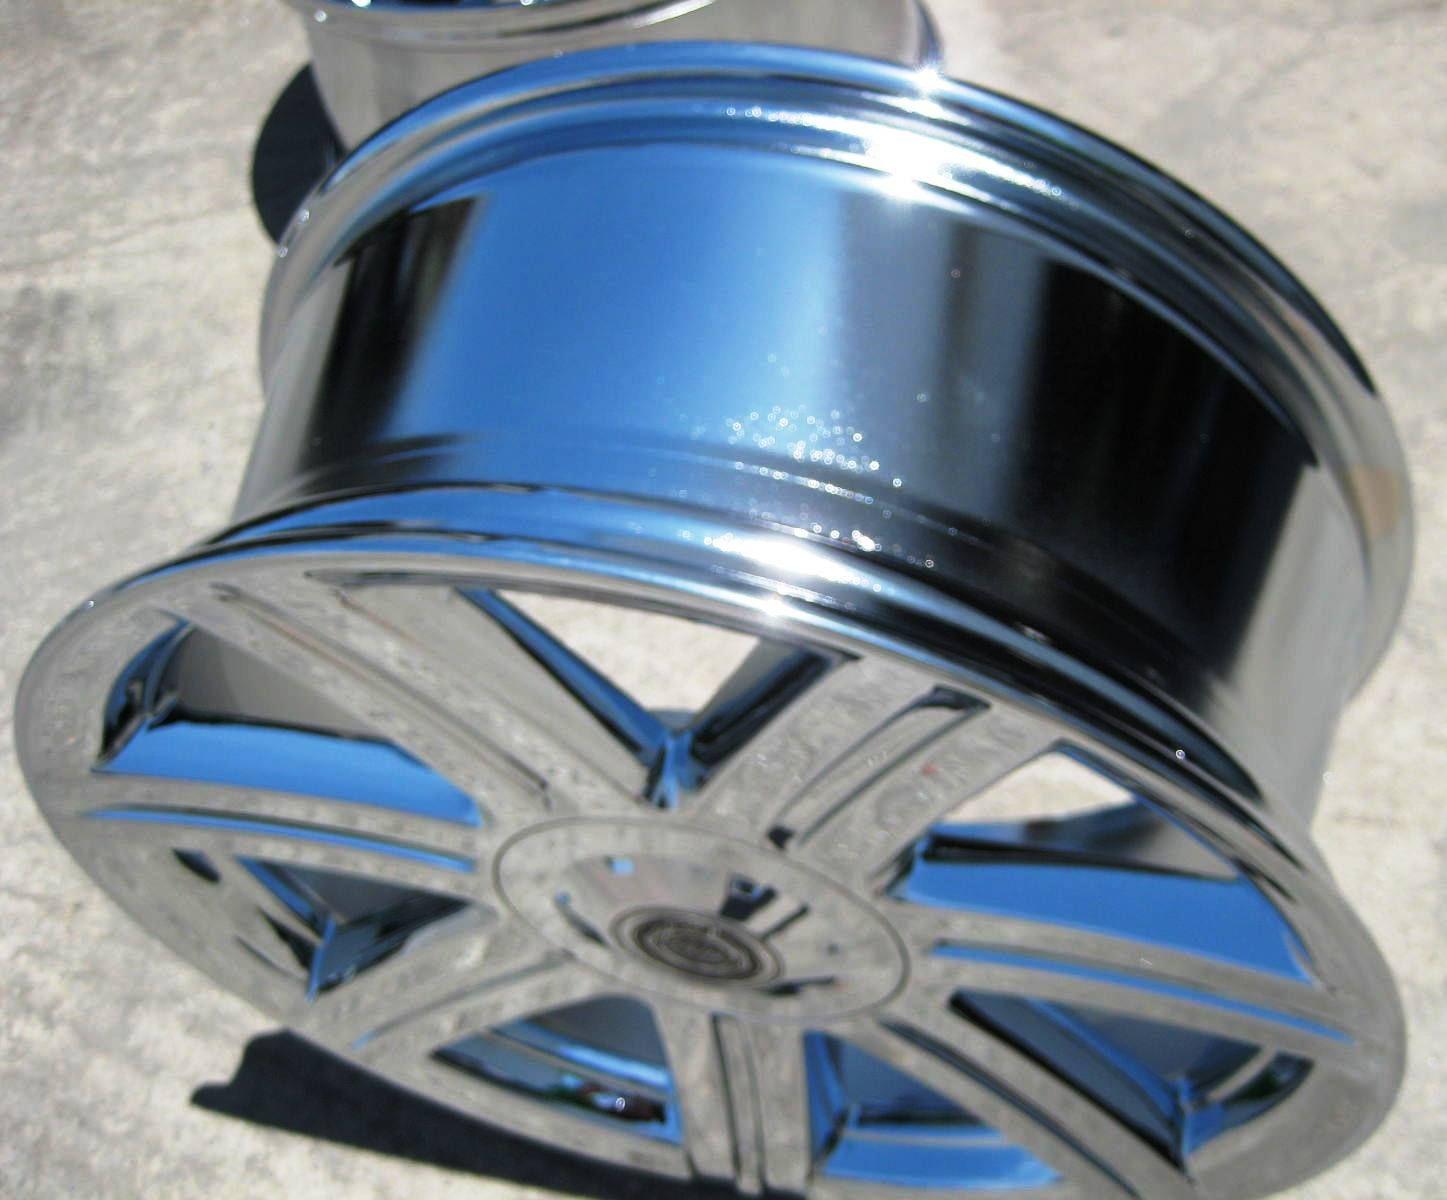 18 19 Chrysler Crossfire Factory Chrome Wheels Rims 2229 2230